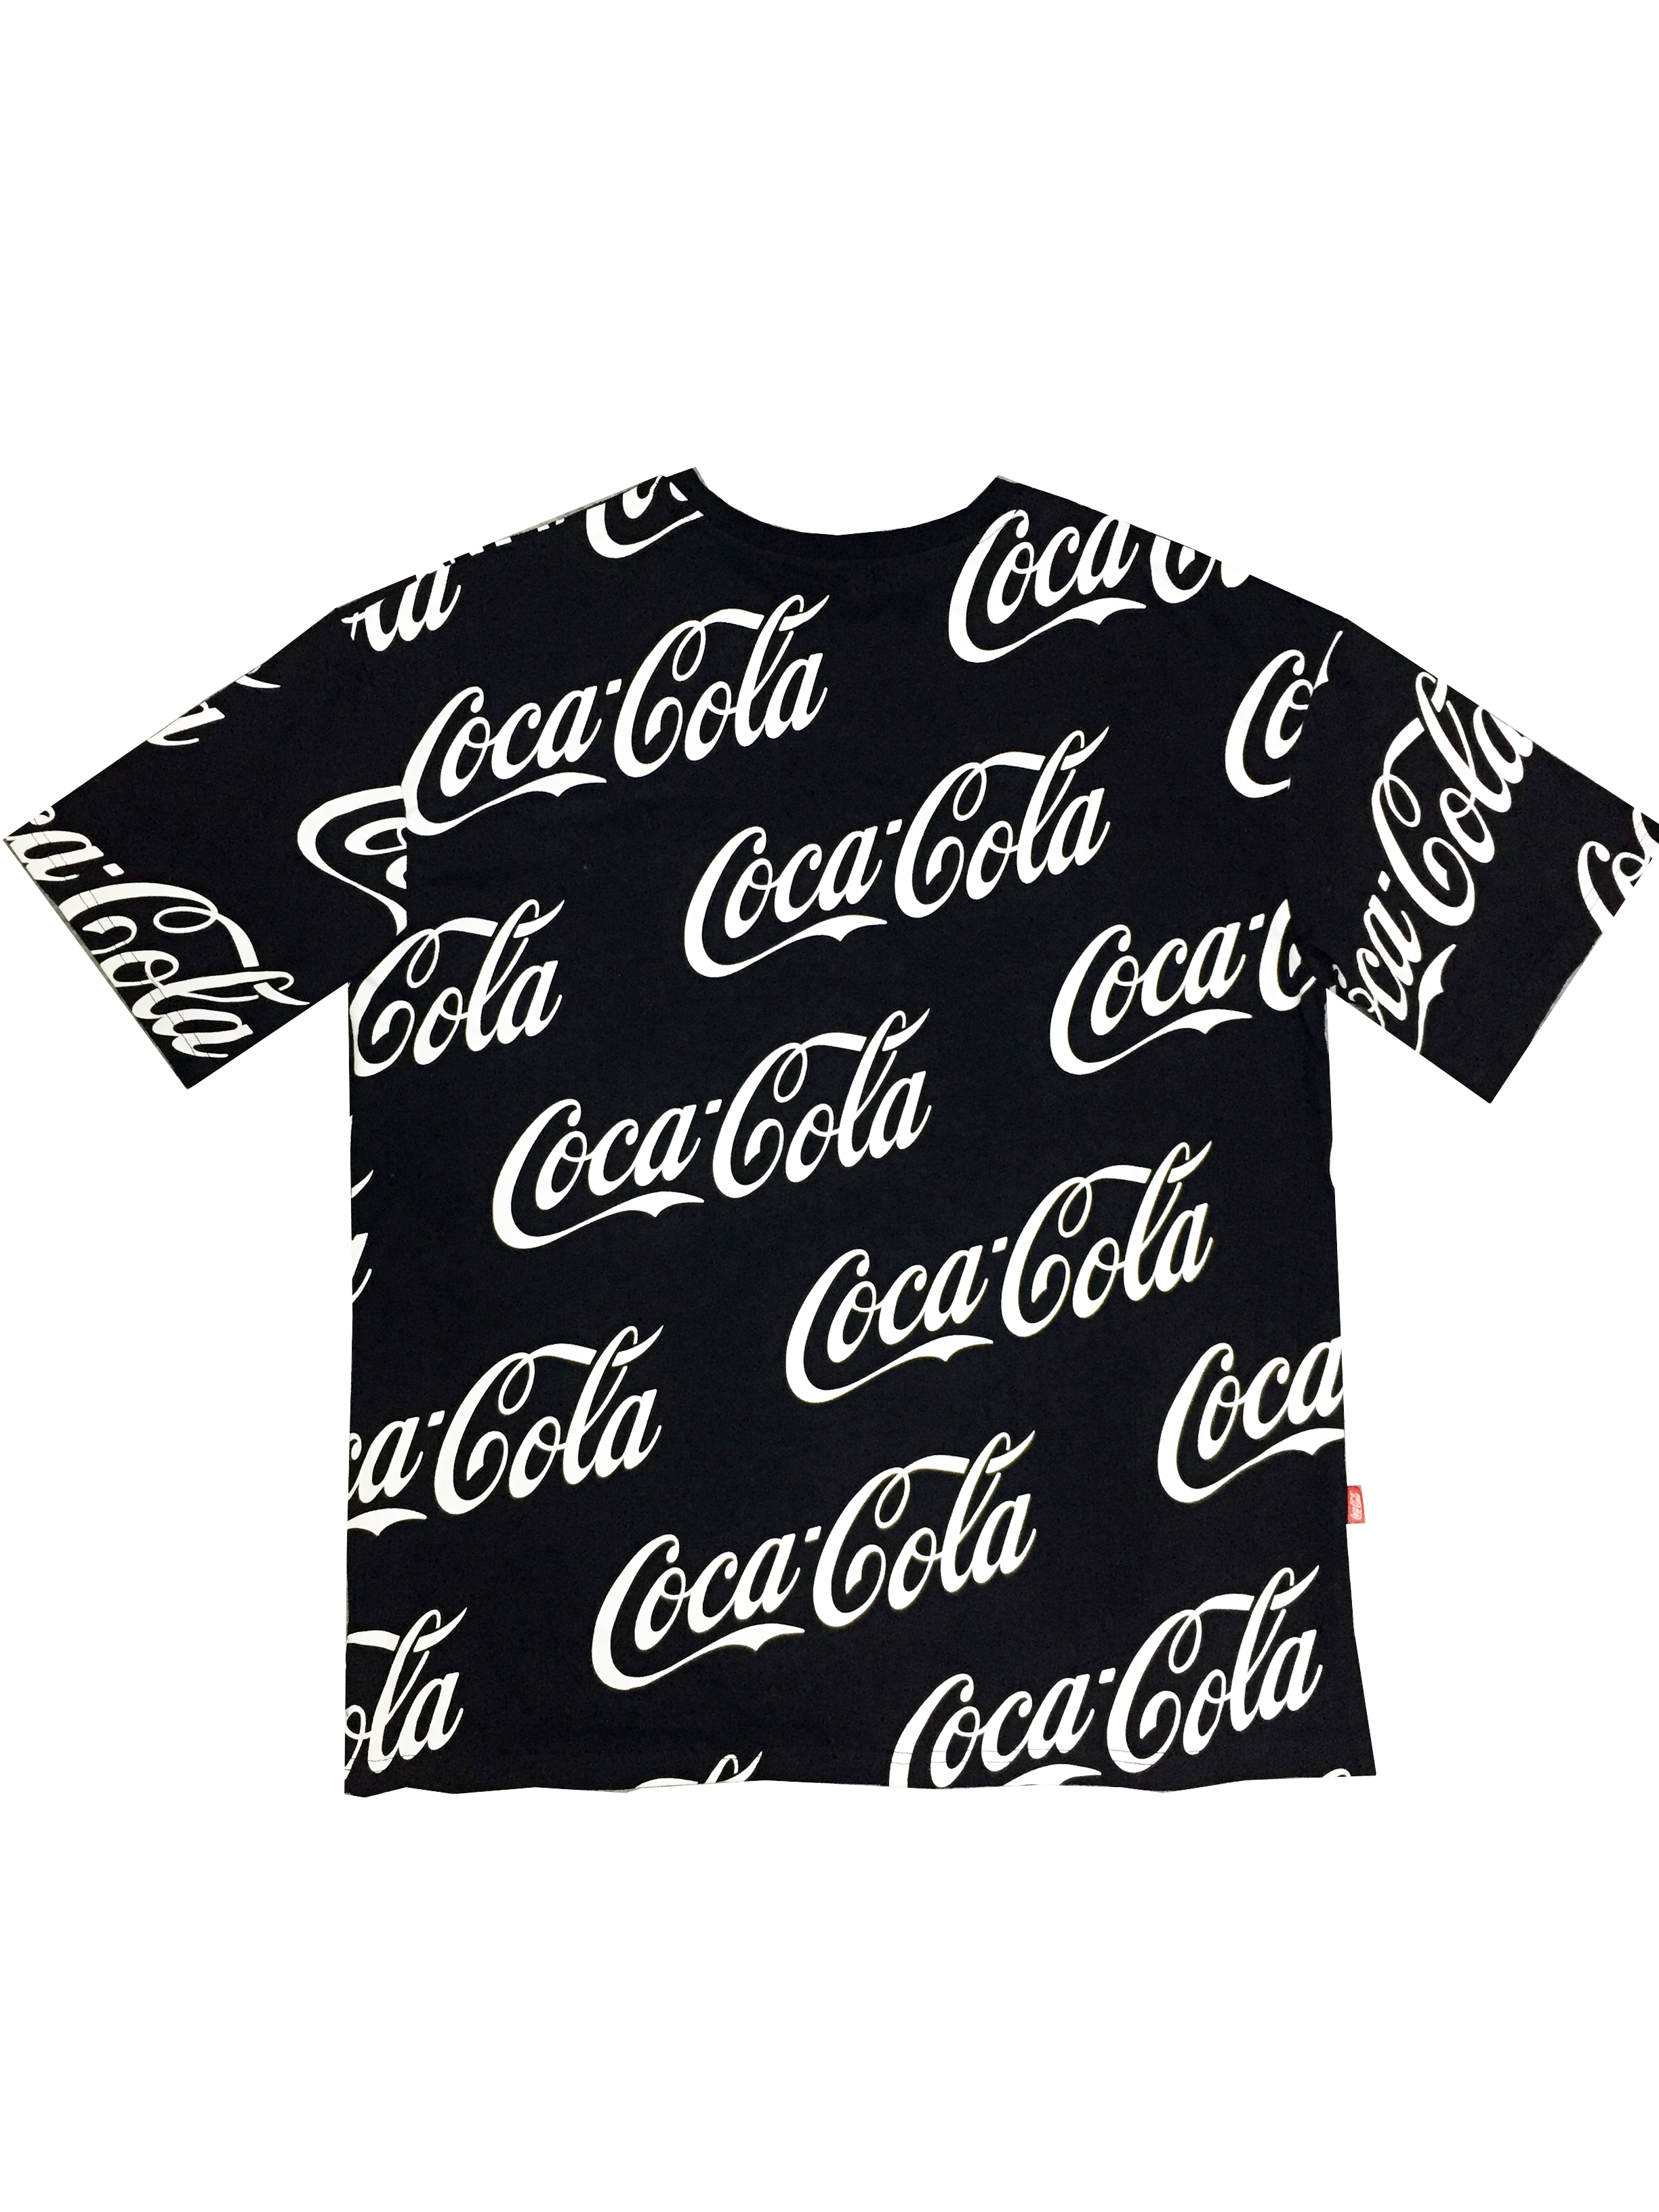 短袖T恤串标男女装情侣半可口可乐联名系列满印宽松大码上衣服体